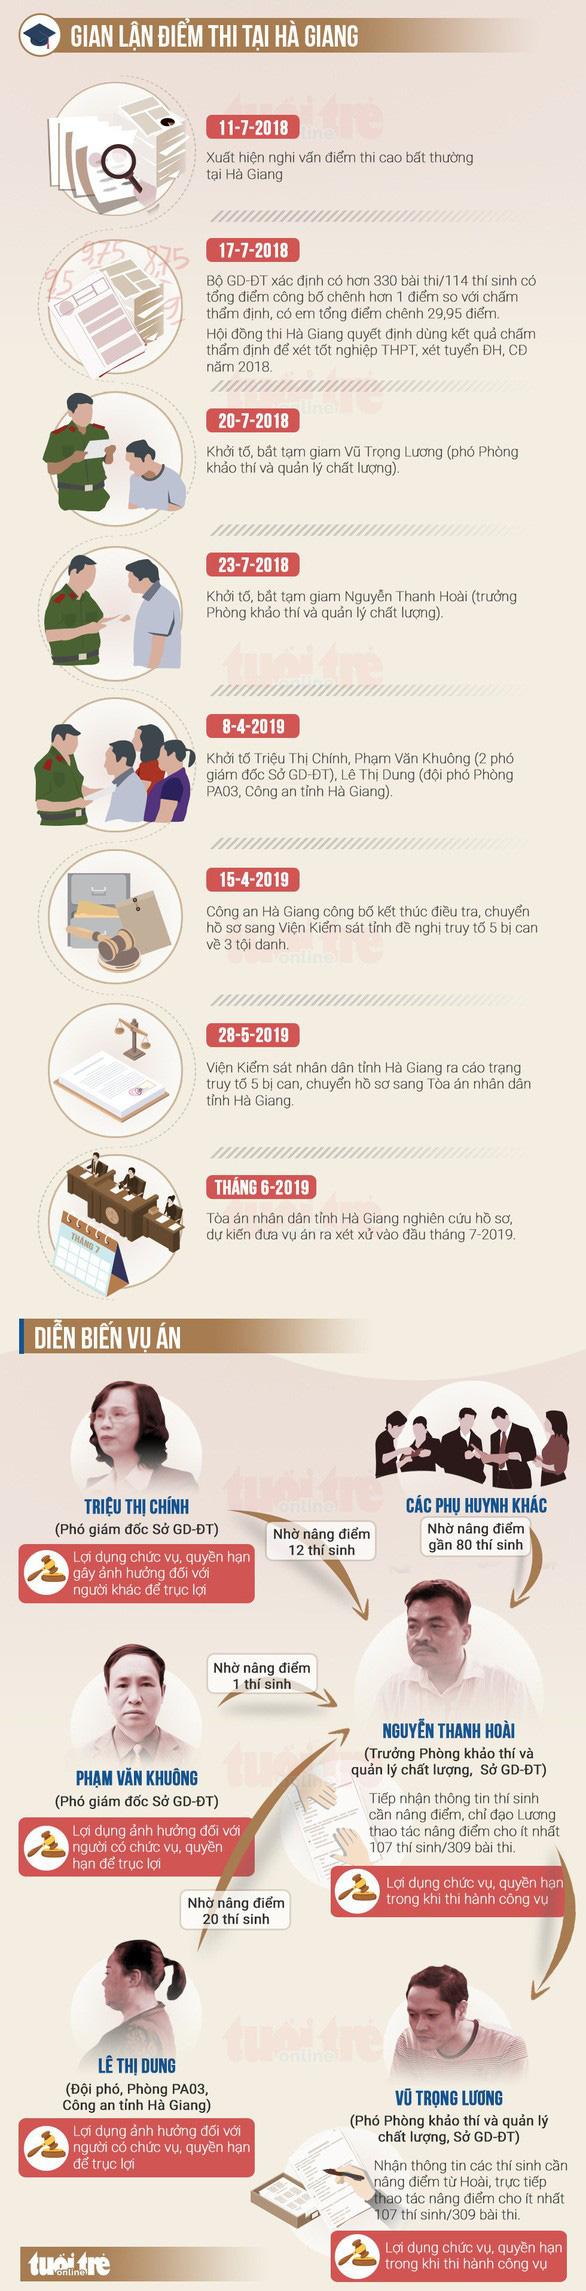 Chủ tọa xử gian lận thi cử Hà Giang là  phó chánh Tòa hình sự - TAND tỉnh Hà Giang - Ảnh 3.